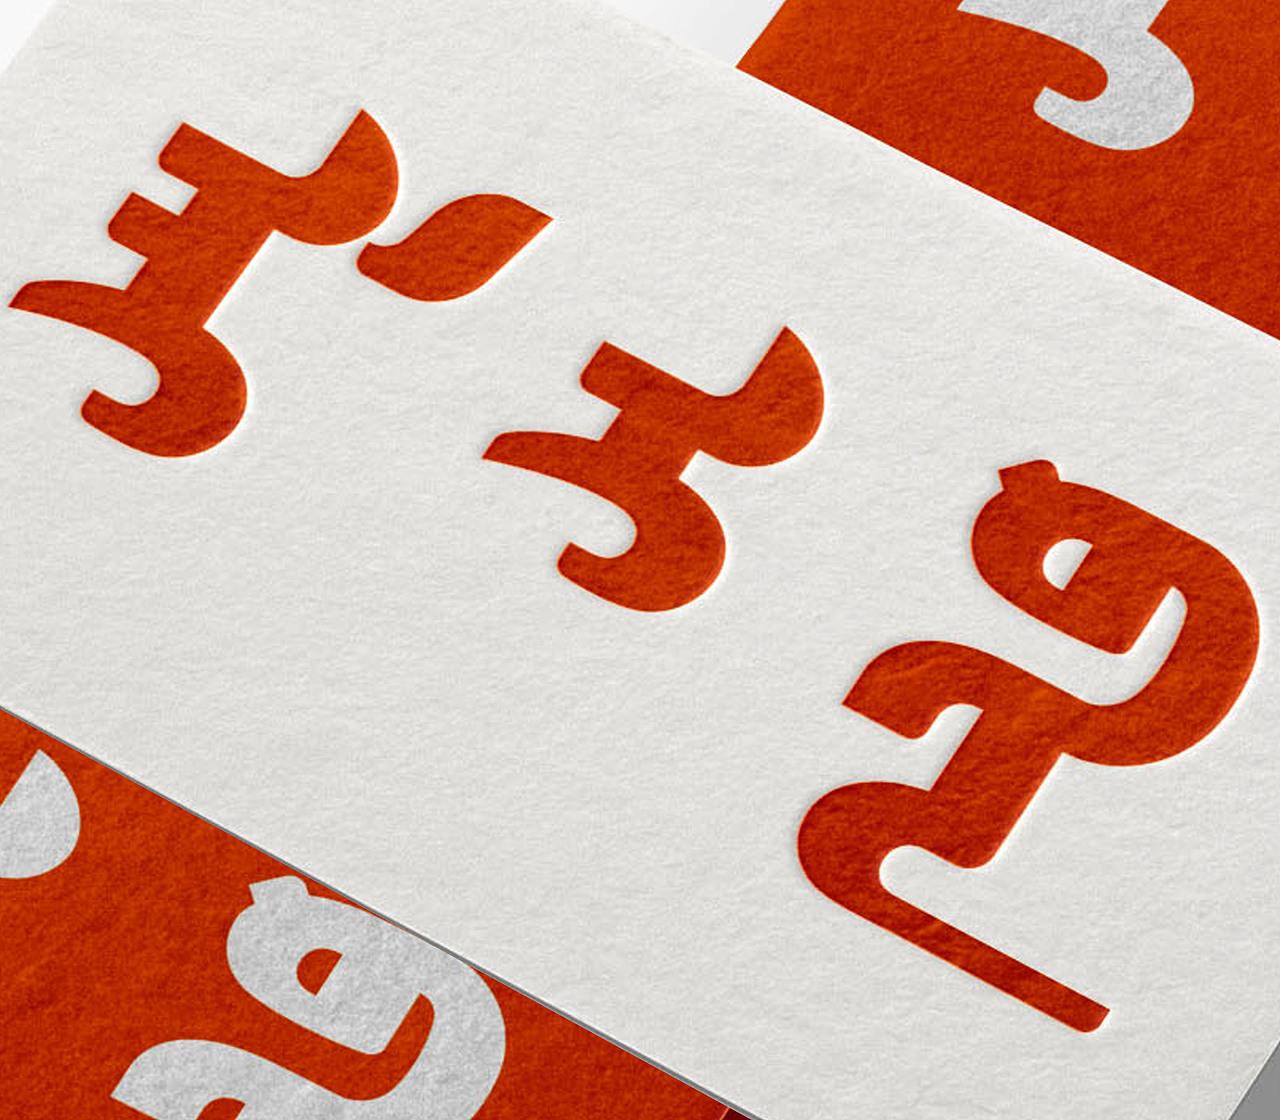 来伊份品牌蒙古文字体设计—包立华 第3张